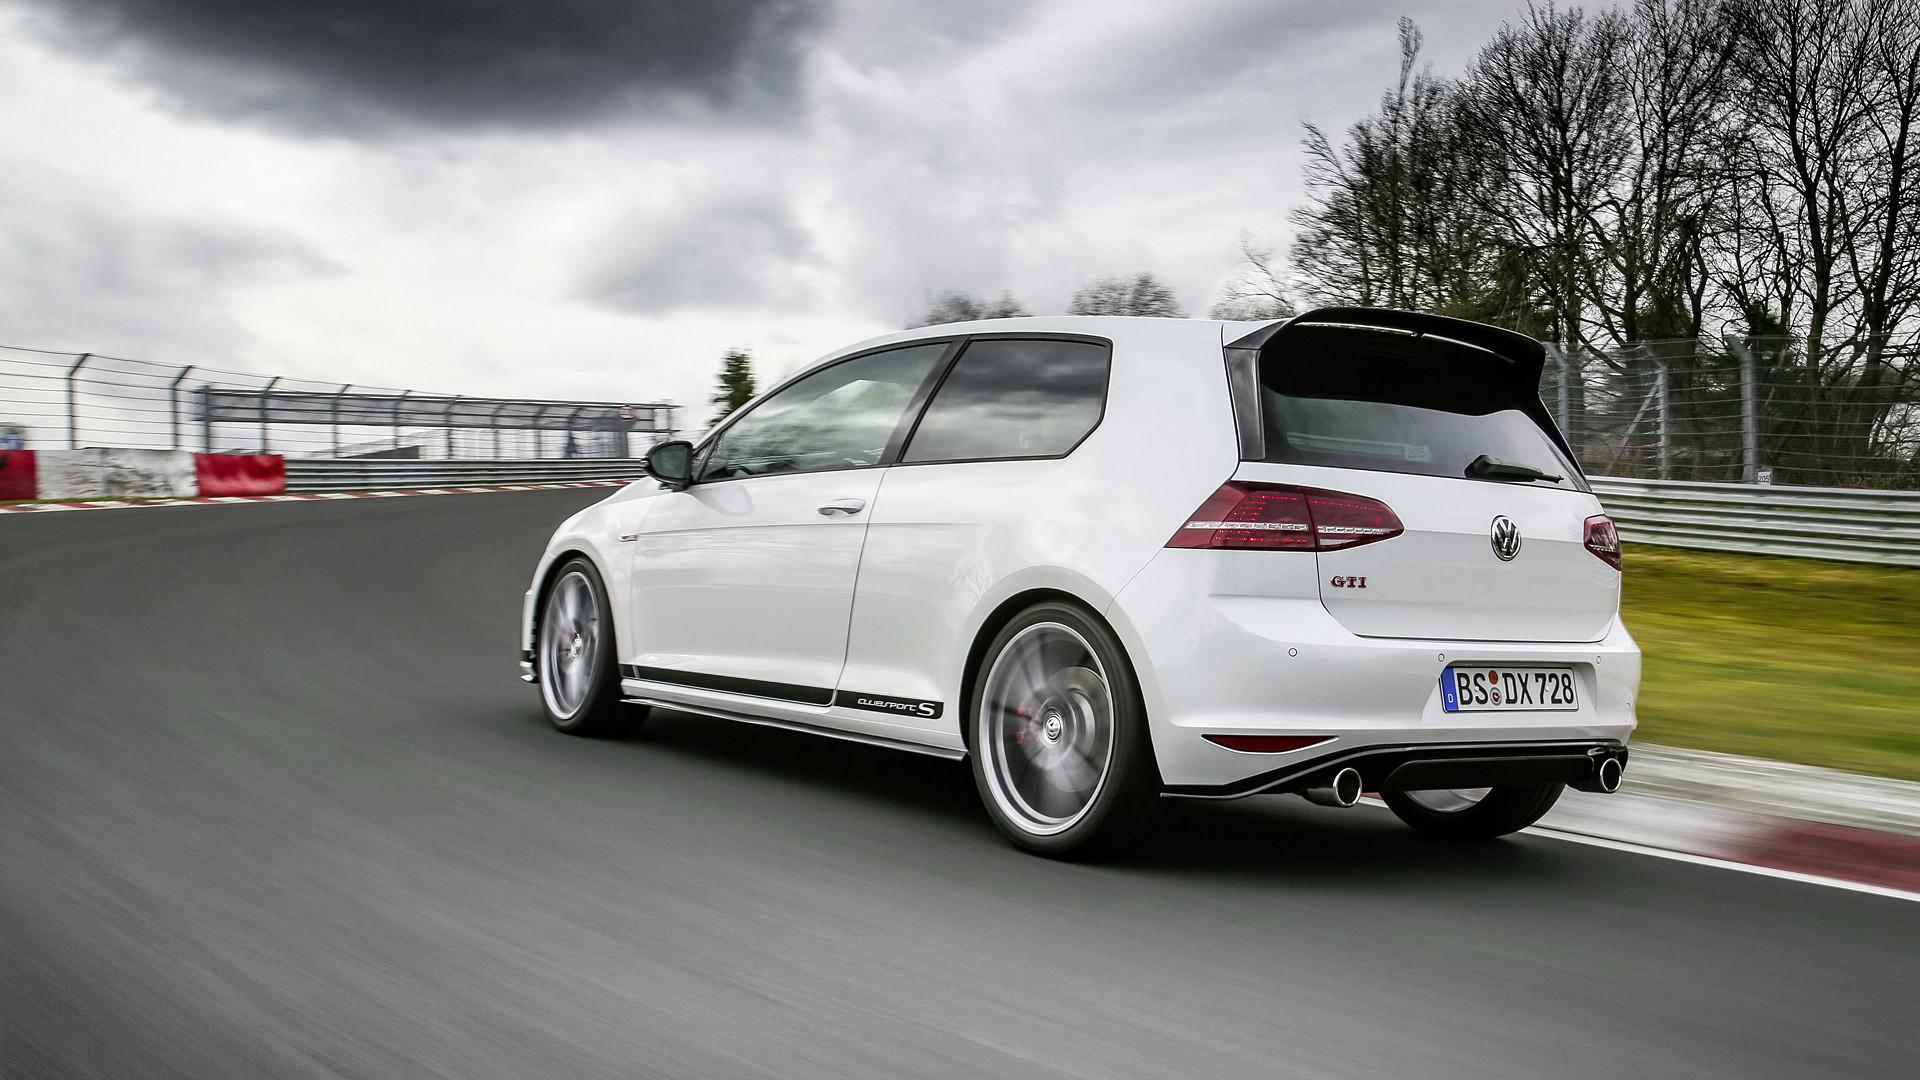 2000x1333 Volkswagen Golf Hd Wallpapers AA